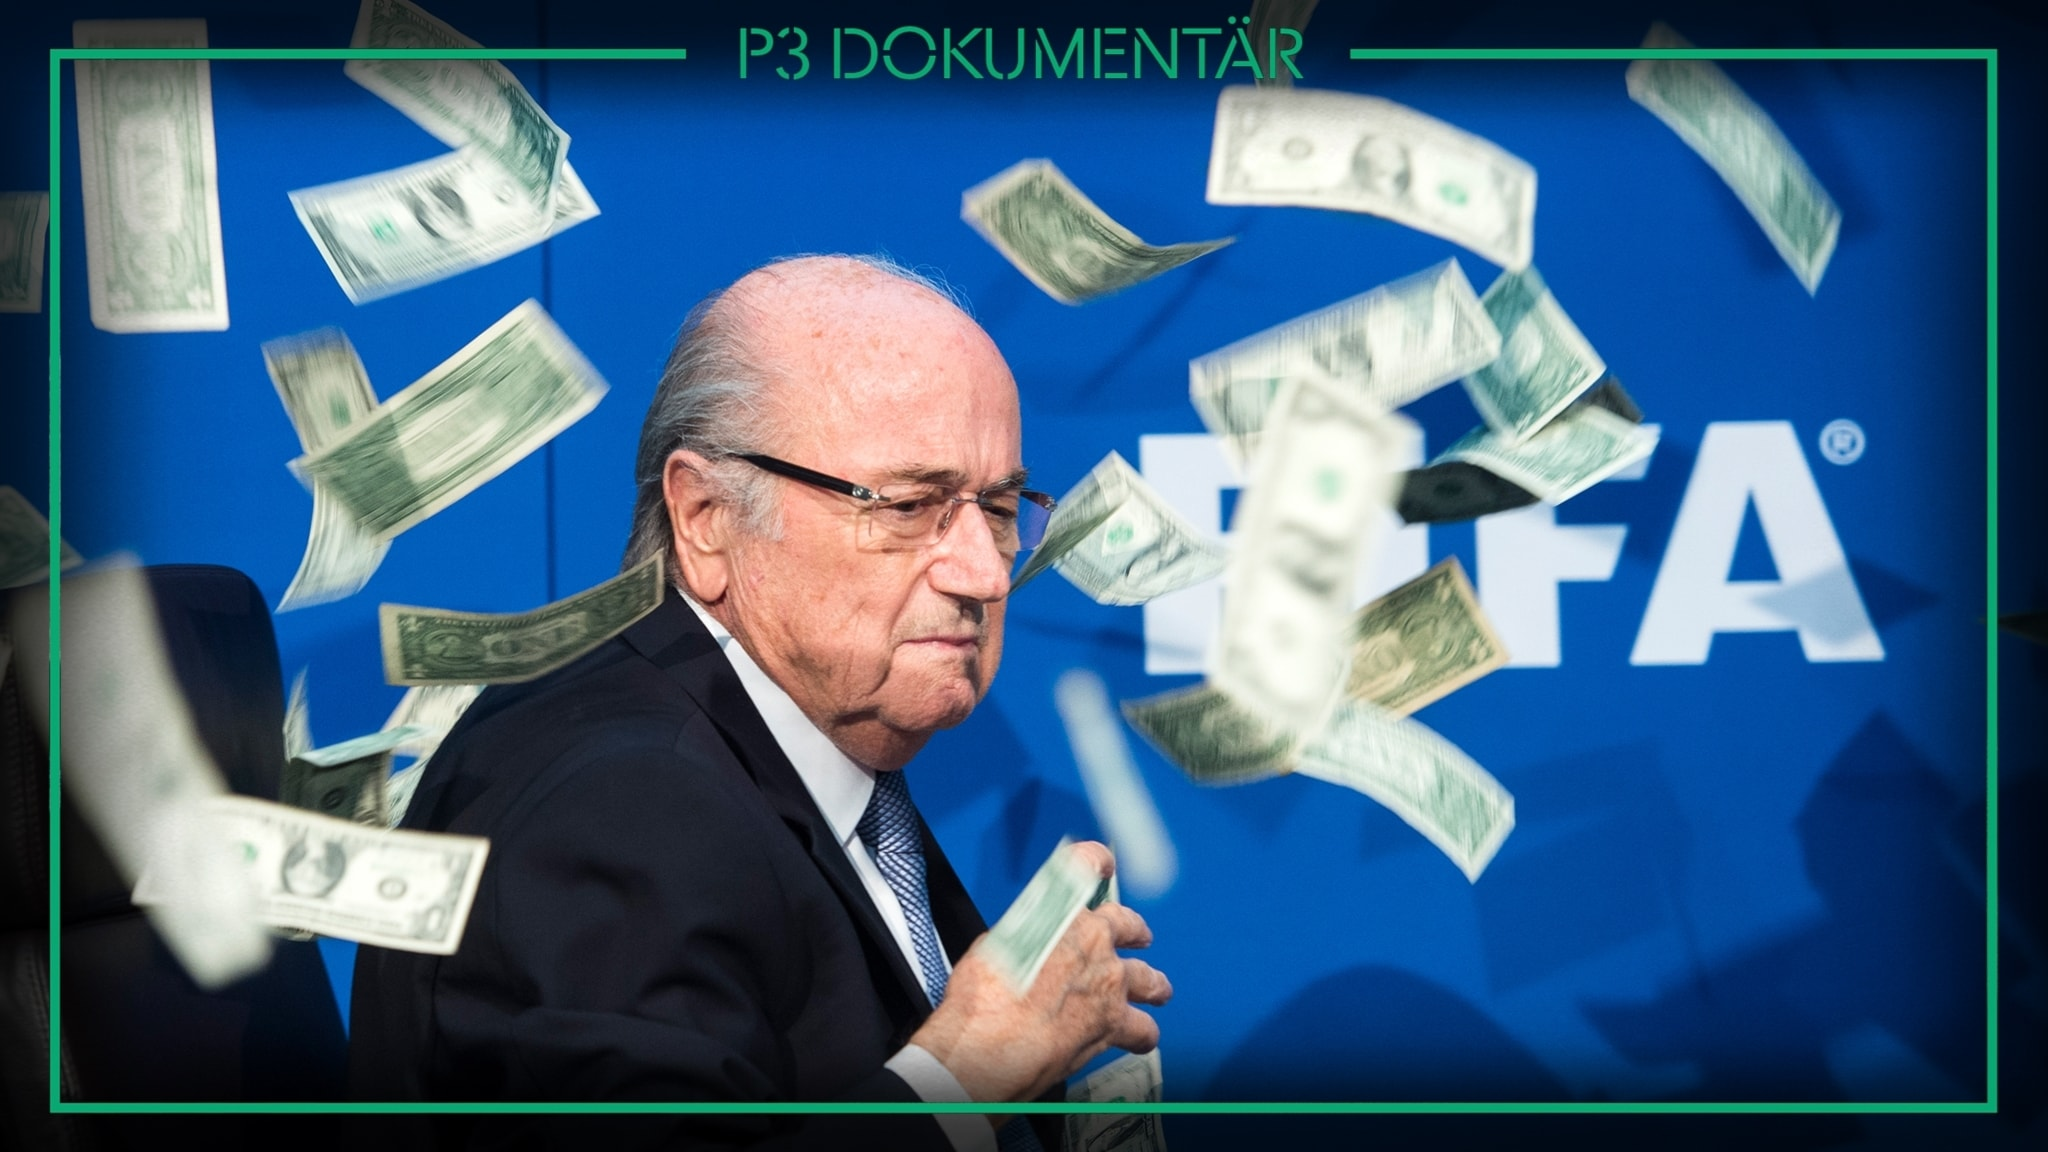 Huvudbild_Fifa_Sepp_Blatter